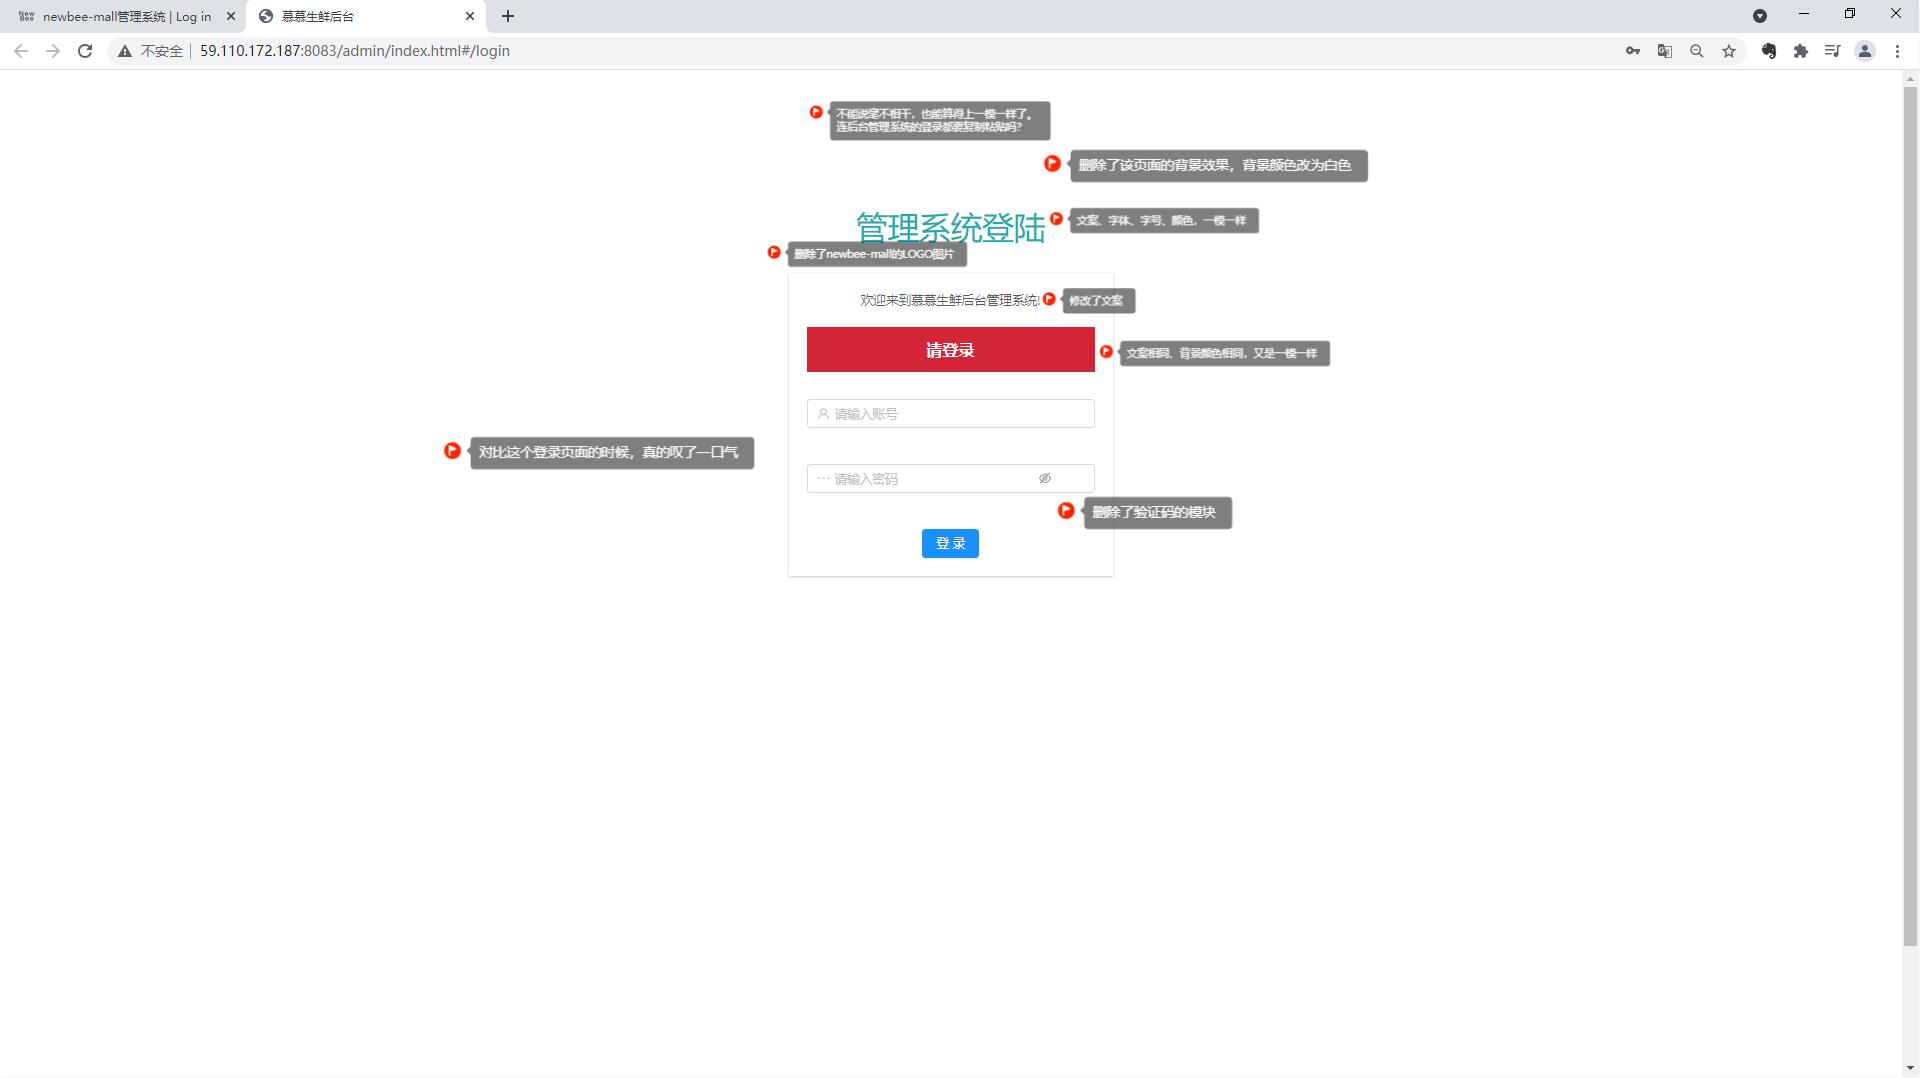 慕慕生鲜管理系统登录页面2